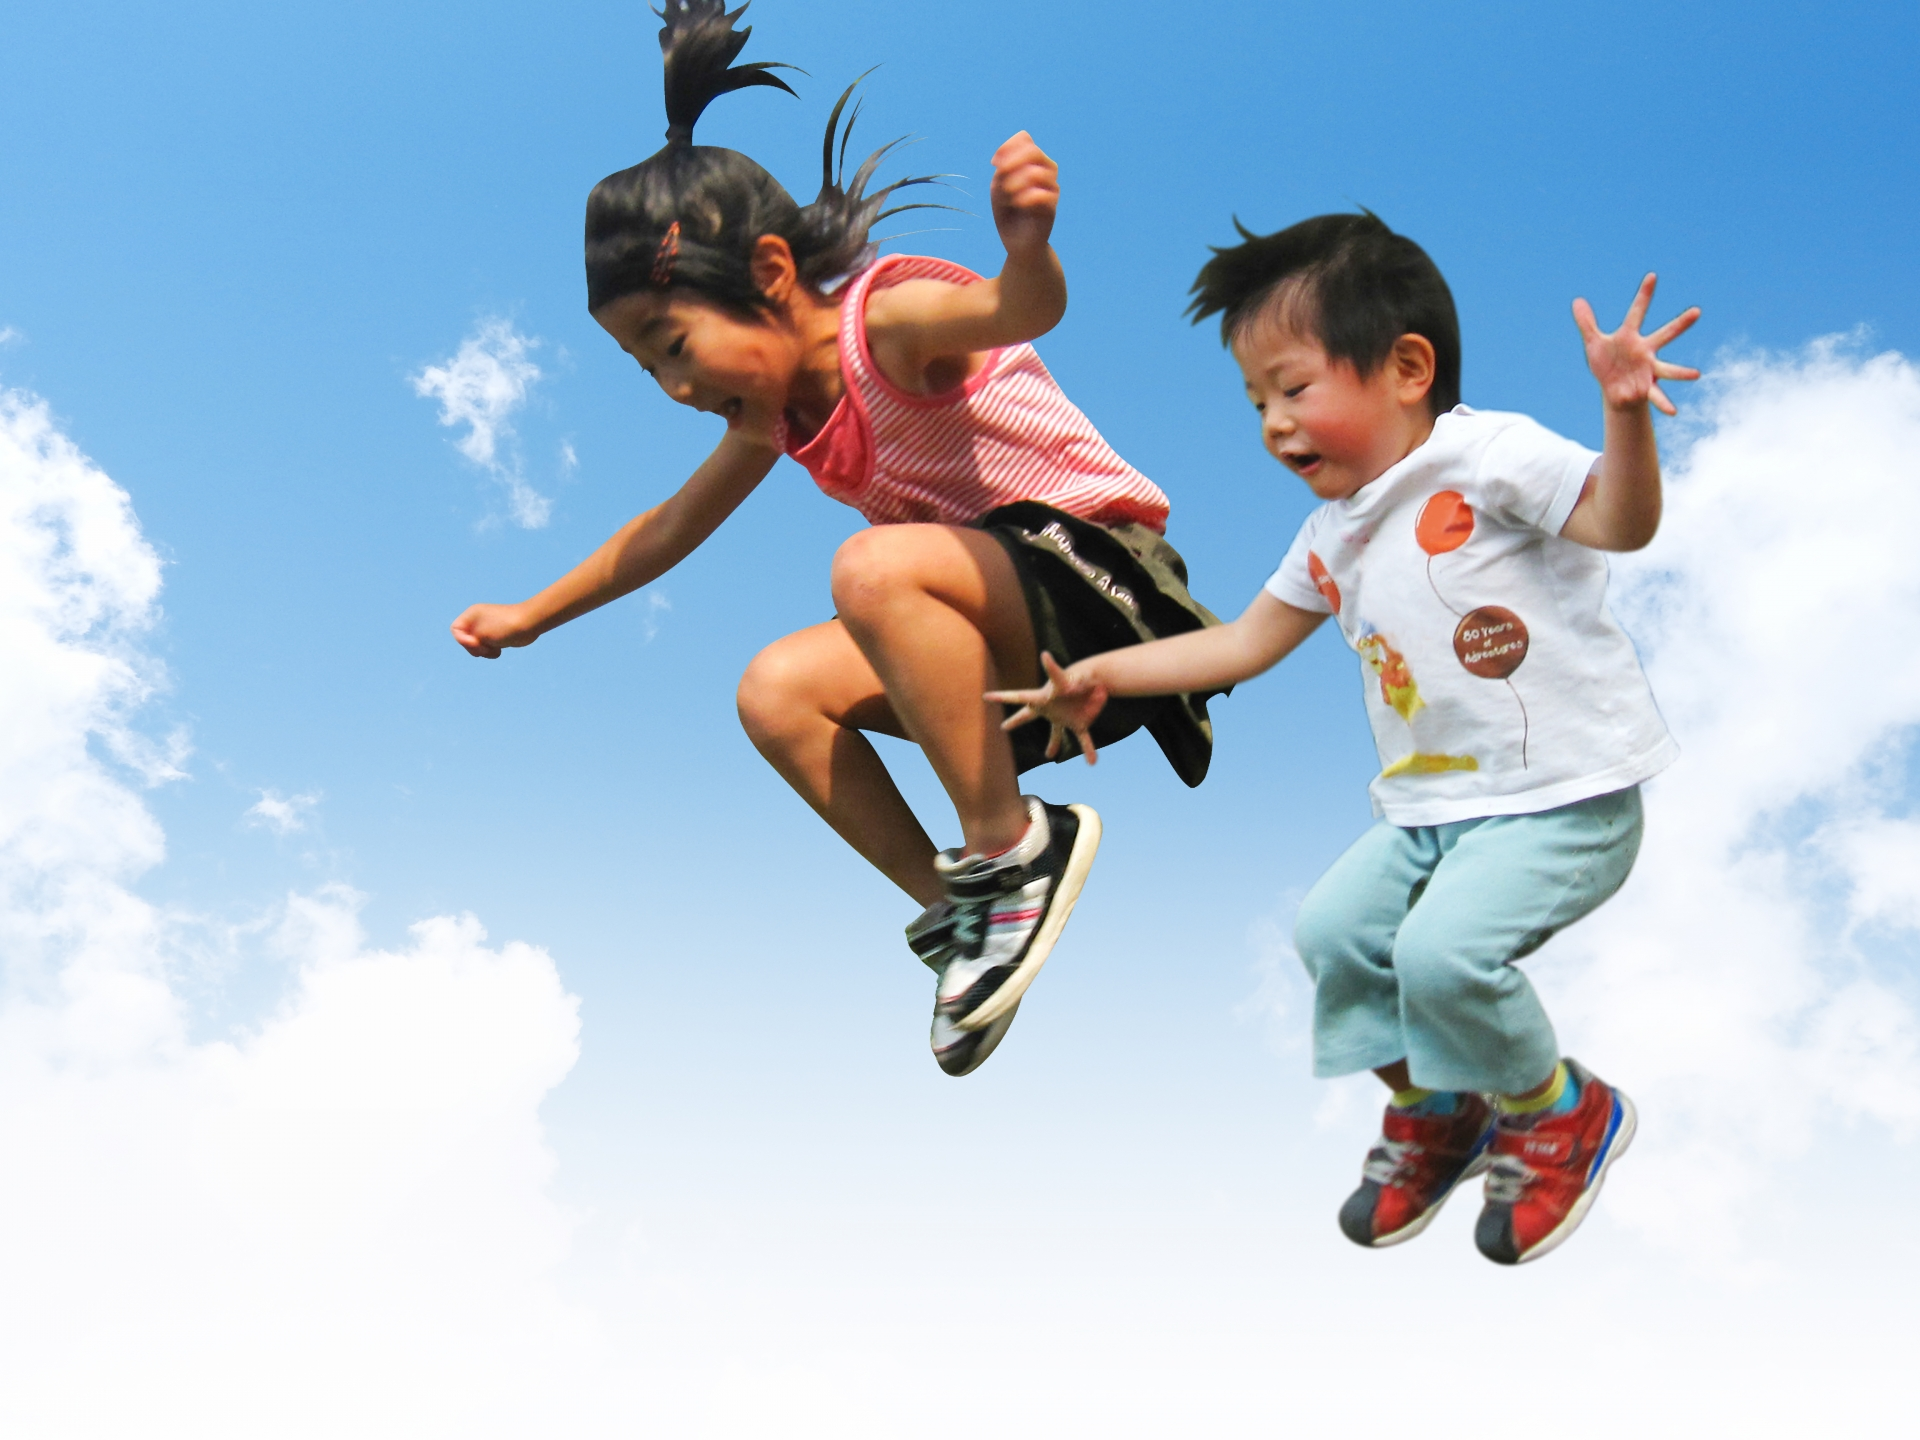 小さい頃にこそ大きい動きの練習が必要!!